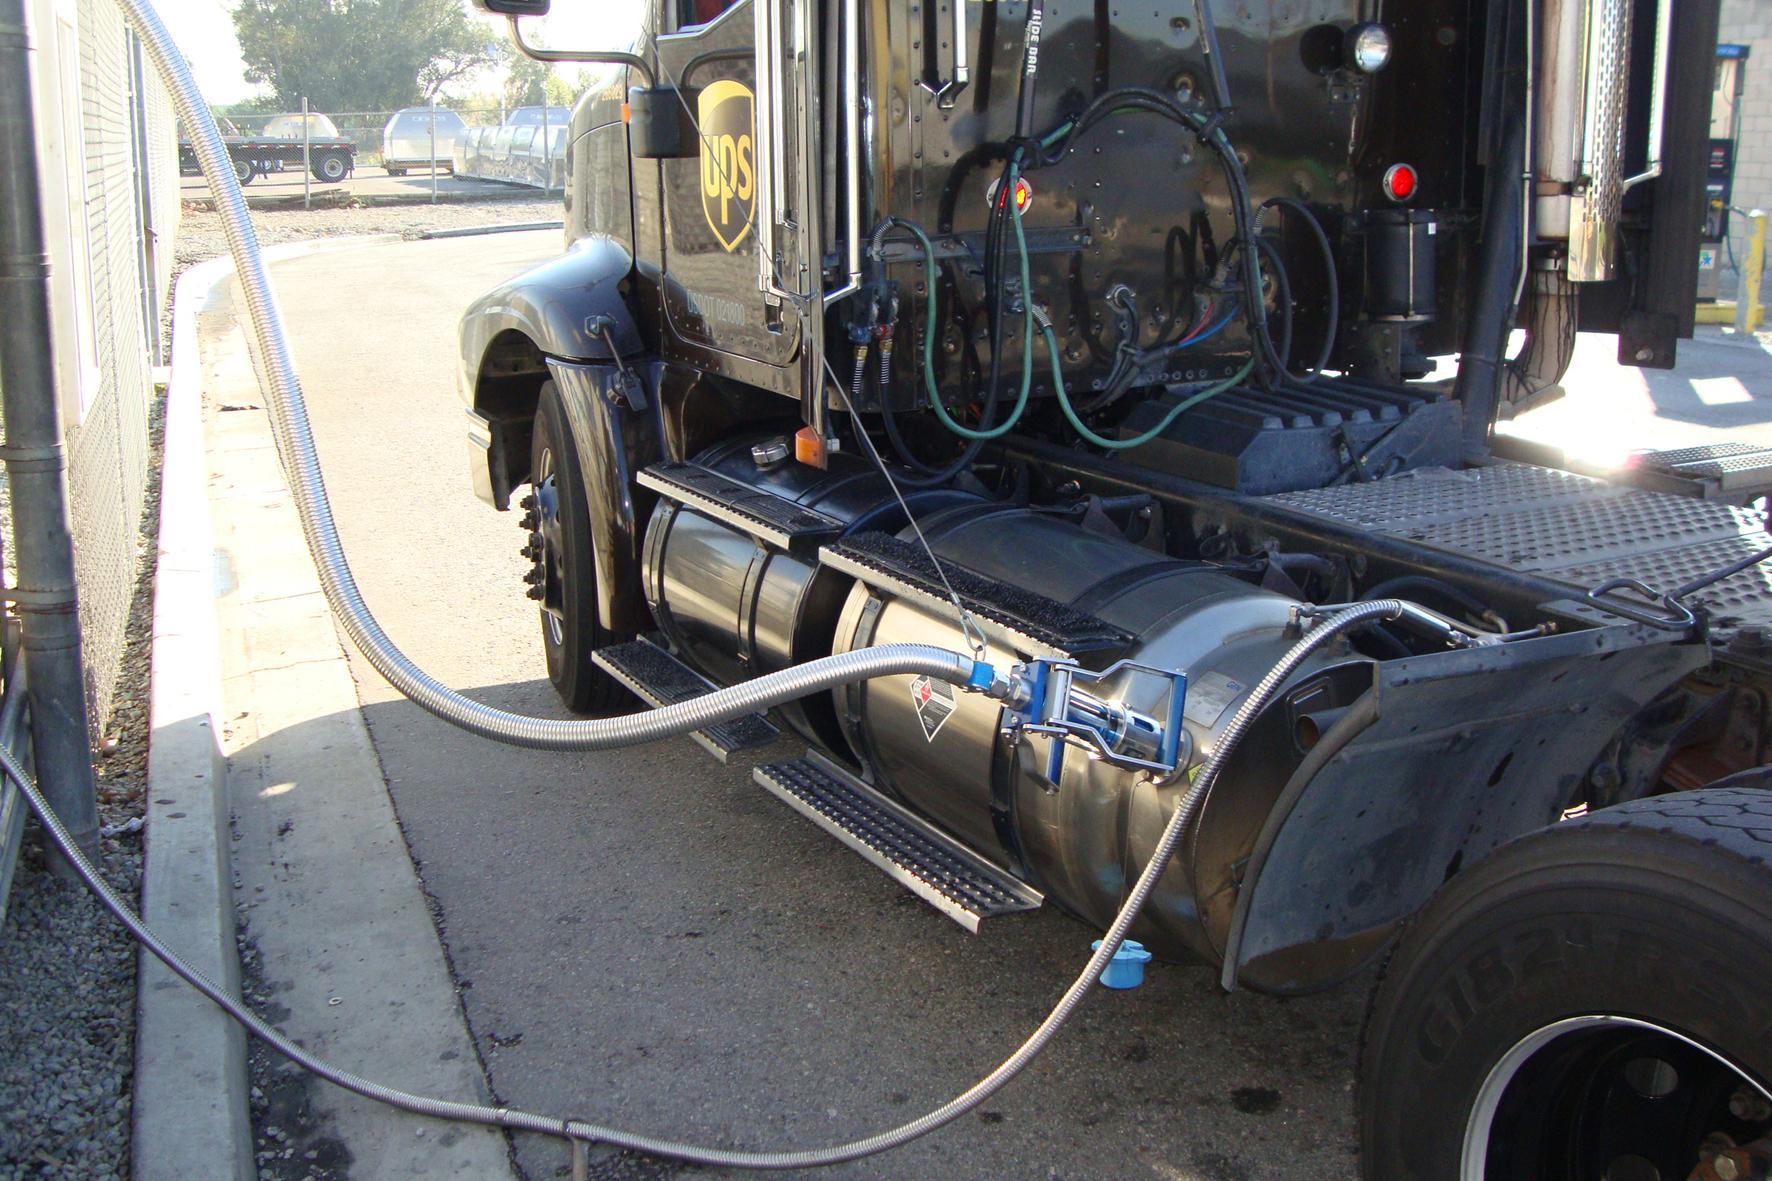 mid Groß-Gerau - Flüssiges Erdgas ist besonders für Lkw interessant, da es größere Reichweiten ermöglicht als das gasförmige CNG.